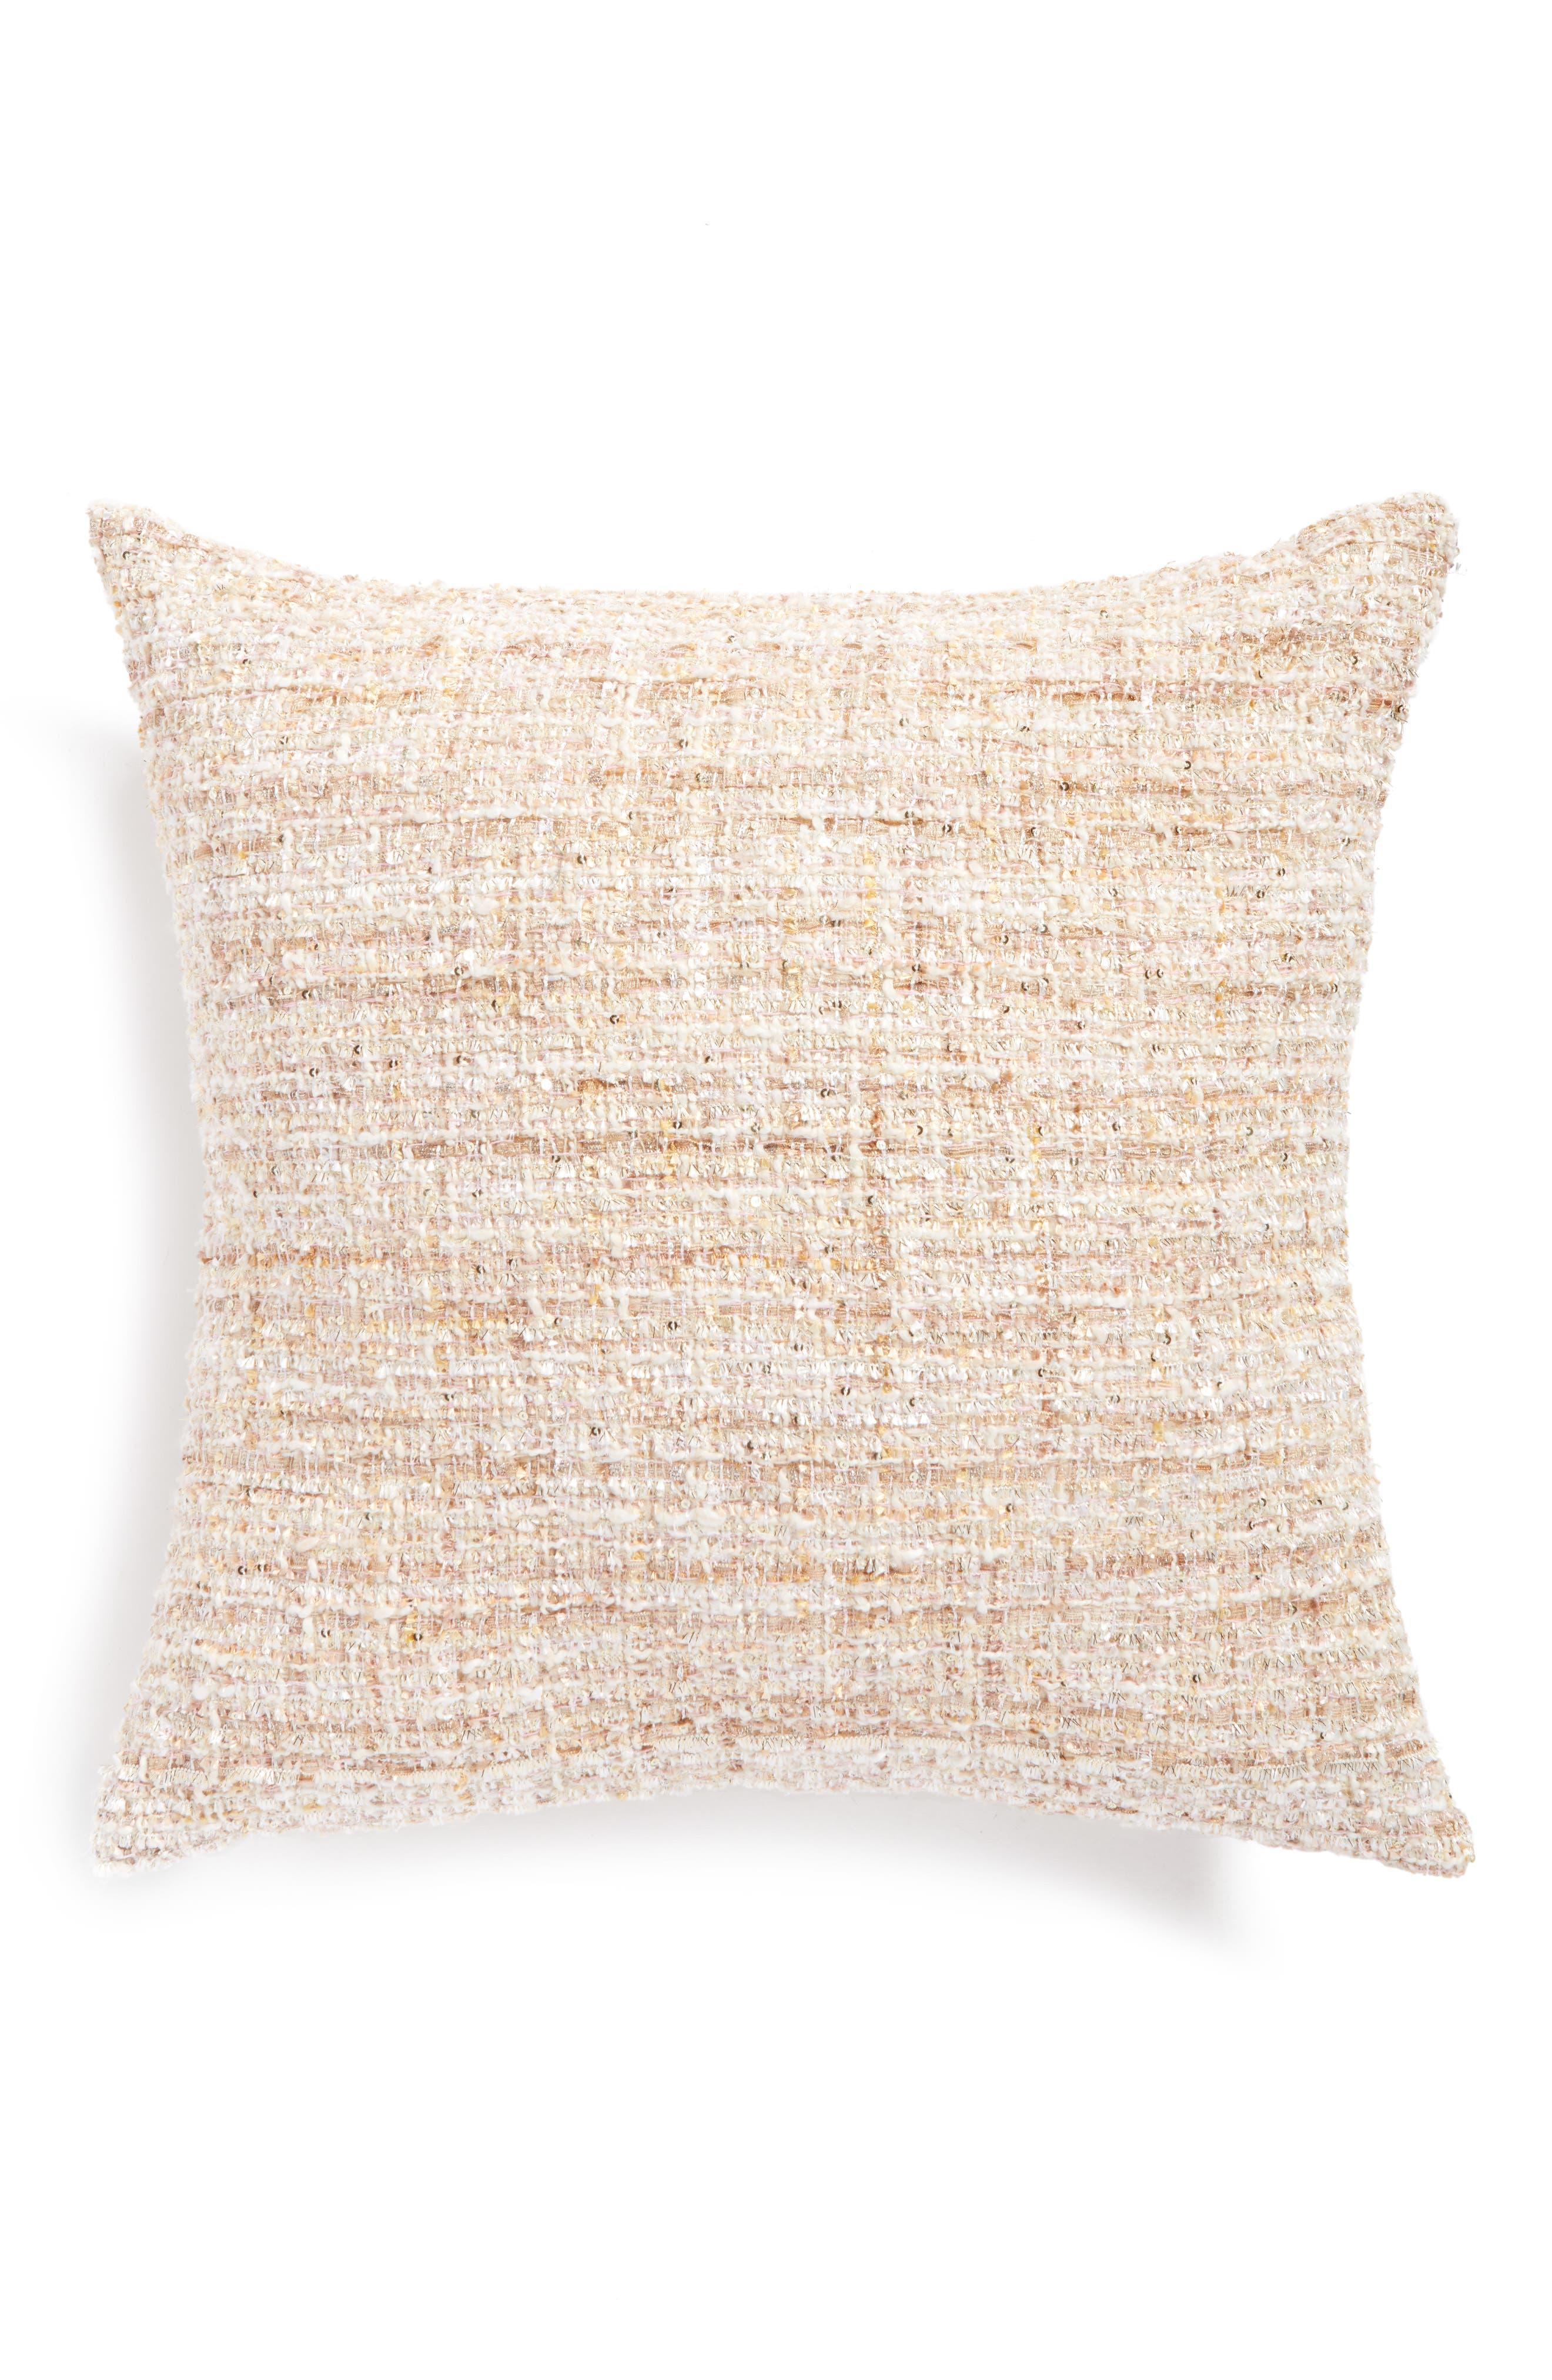 Metallic Accent Pillow,                             Main thumbnail 1, color,                             680